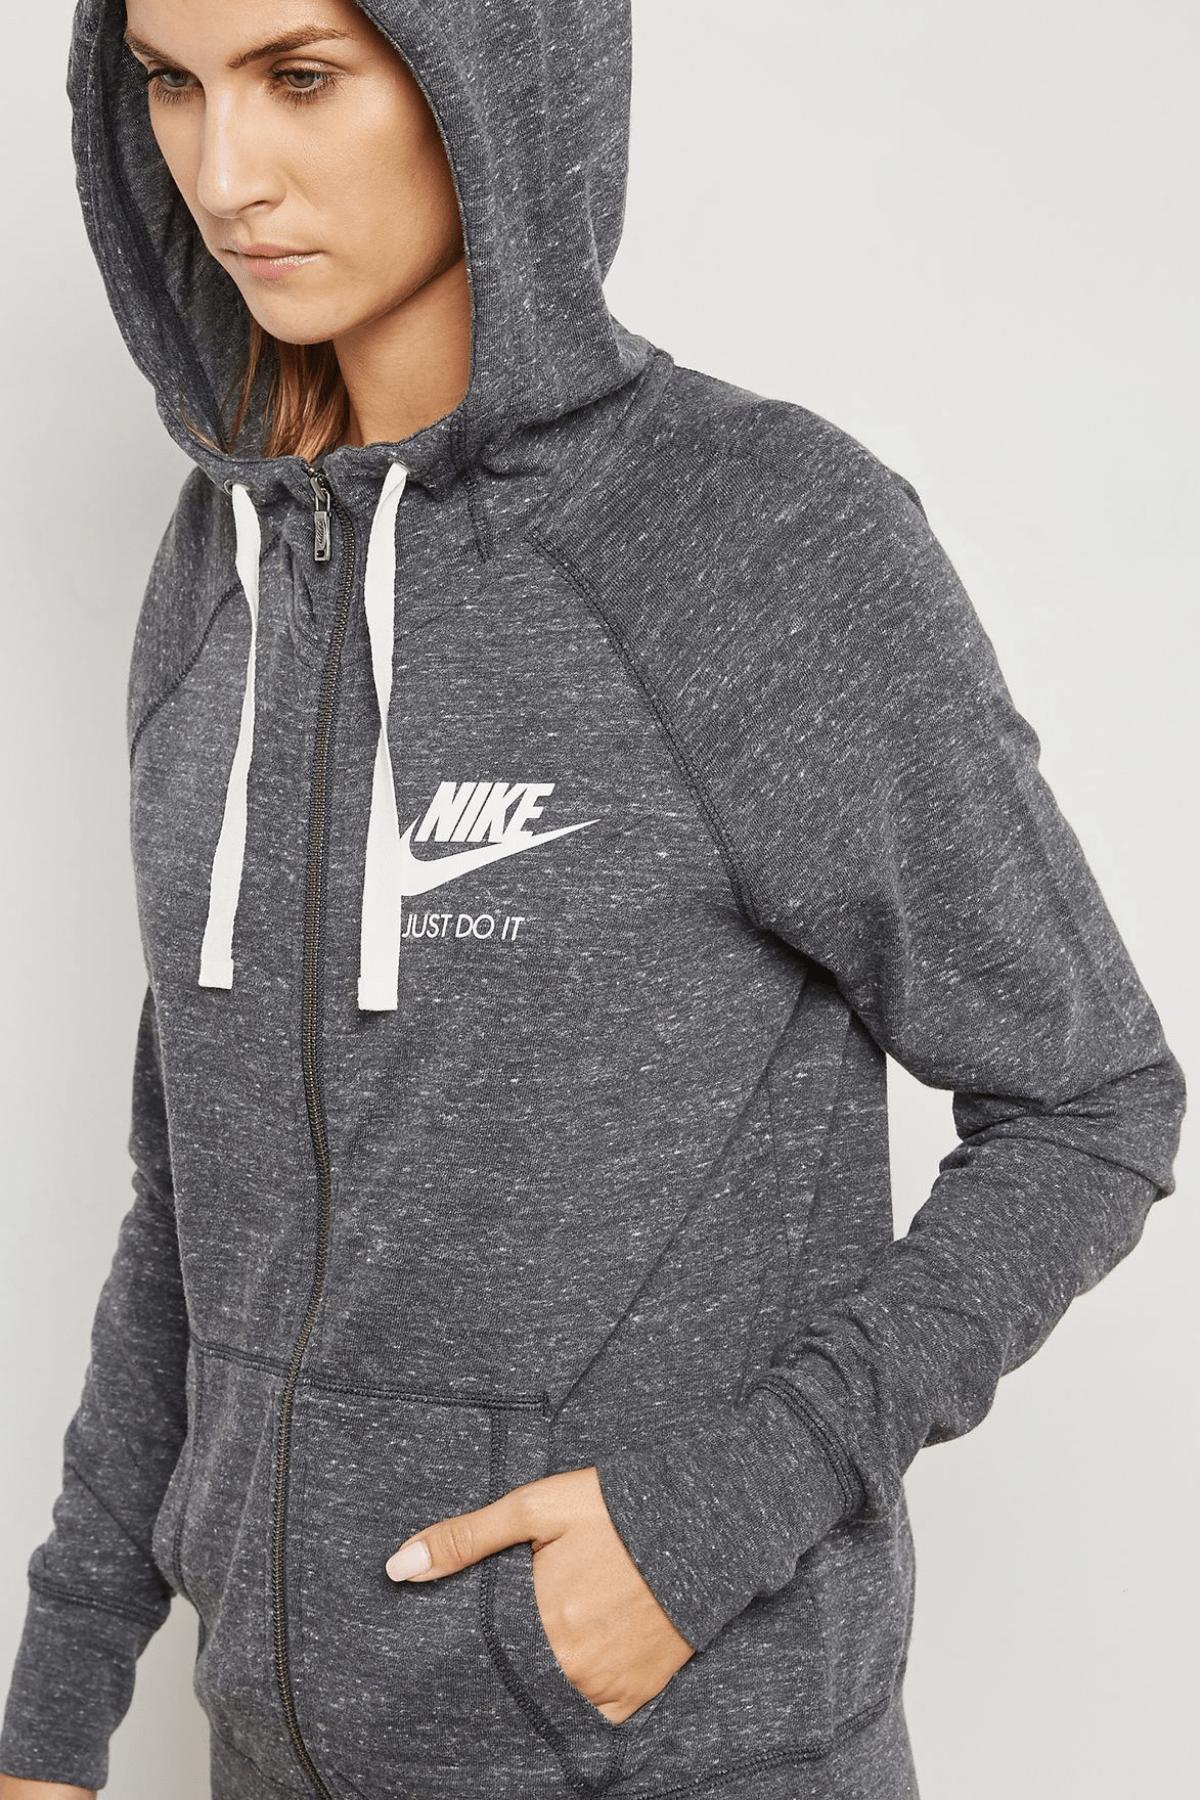 Nike Kadın Sweatshirt 883729-060